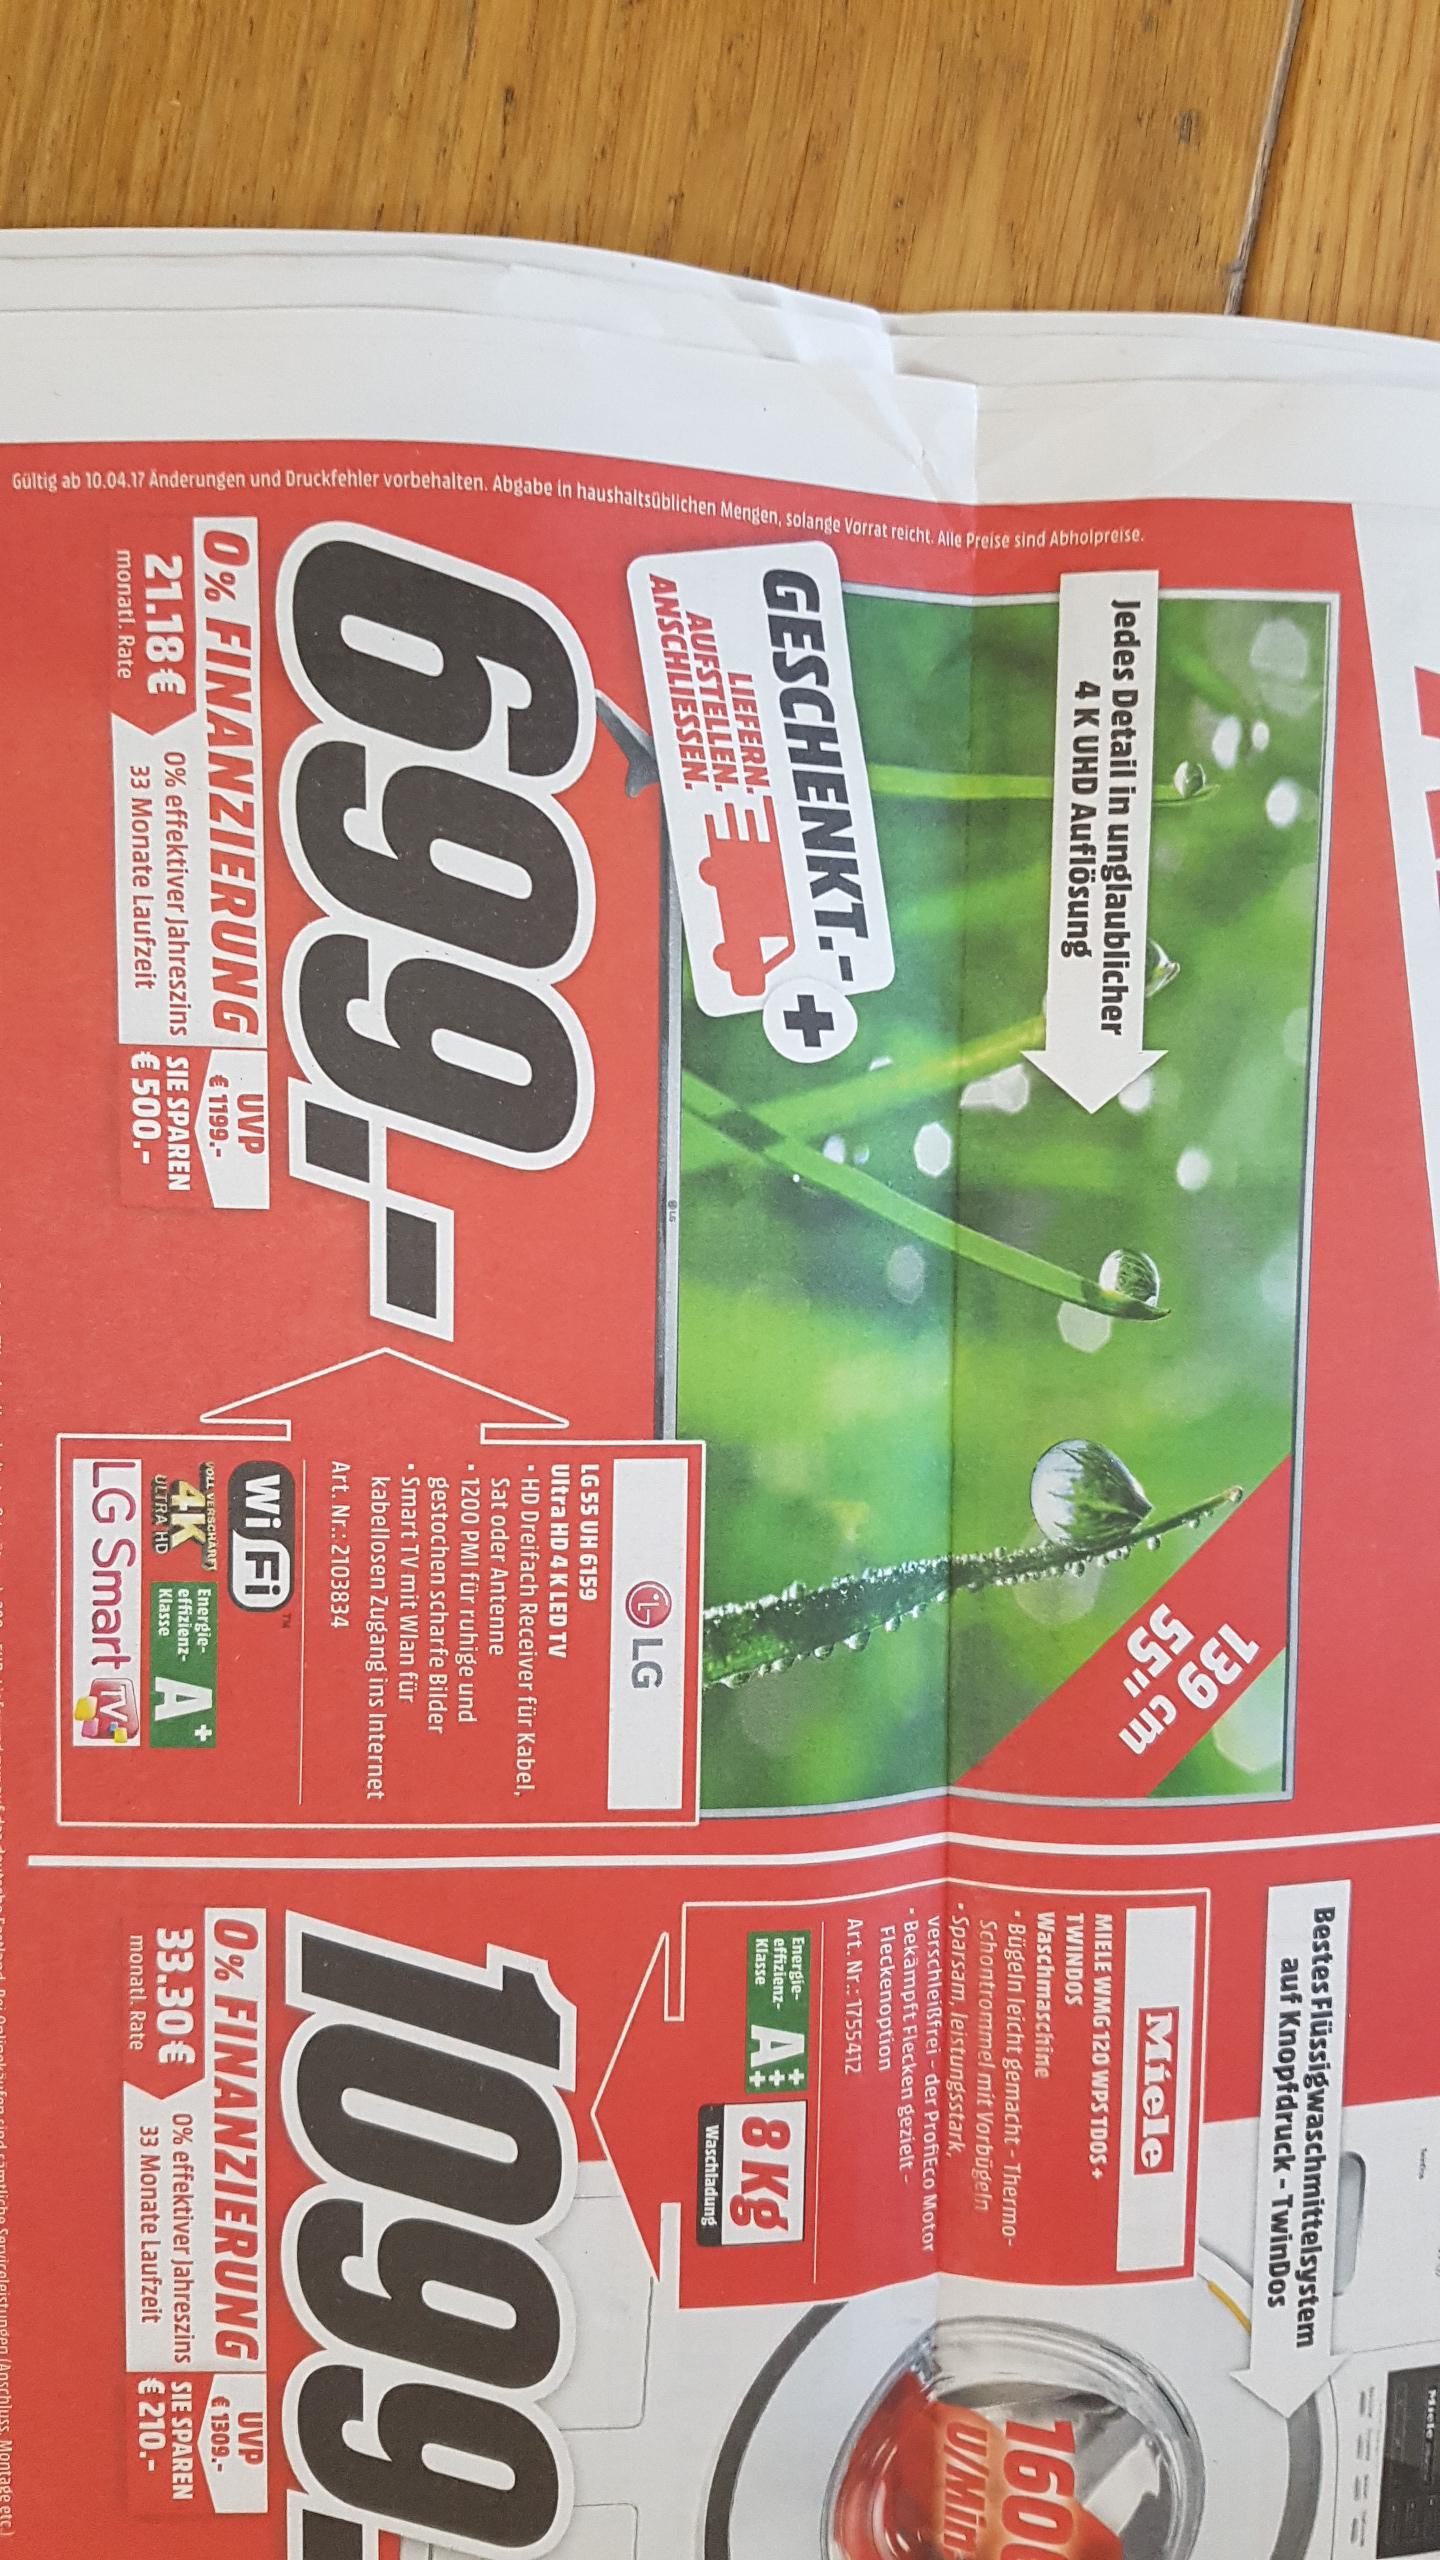 [Lokal Media Markt PLZ 41... + 52...] LG 55 UH 6159 LED 4k TV inkl. Premium Lieferung